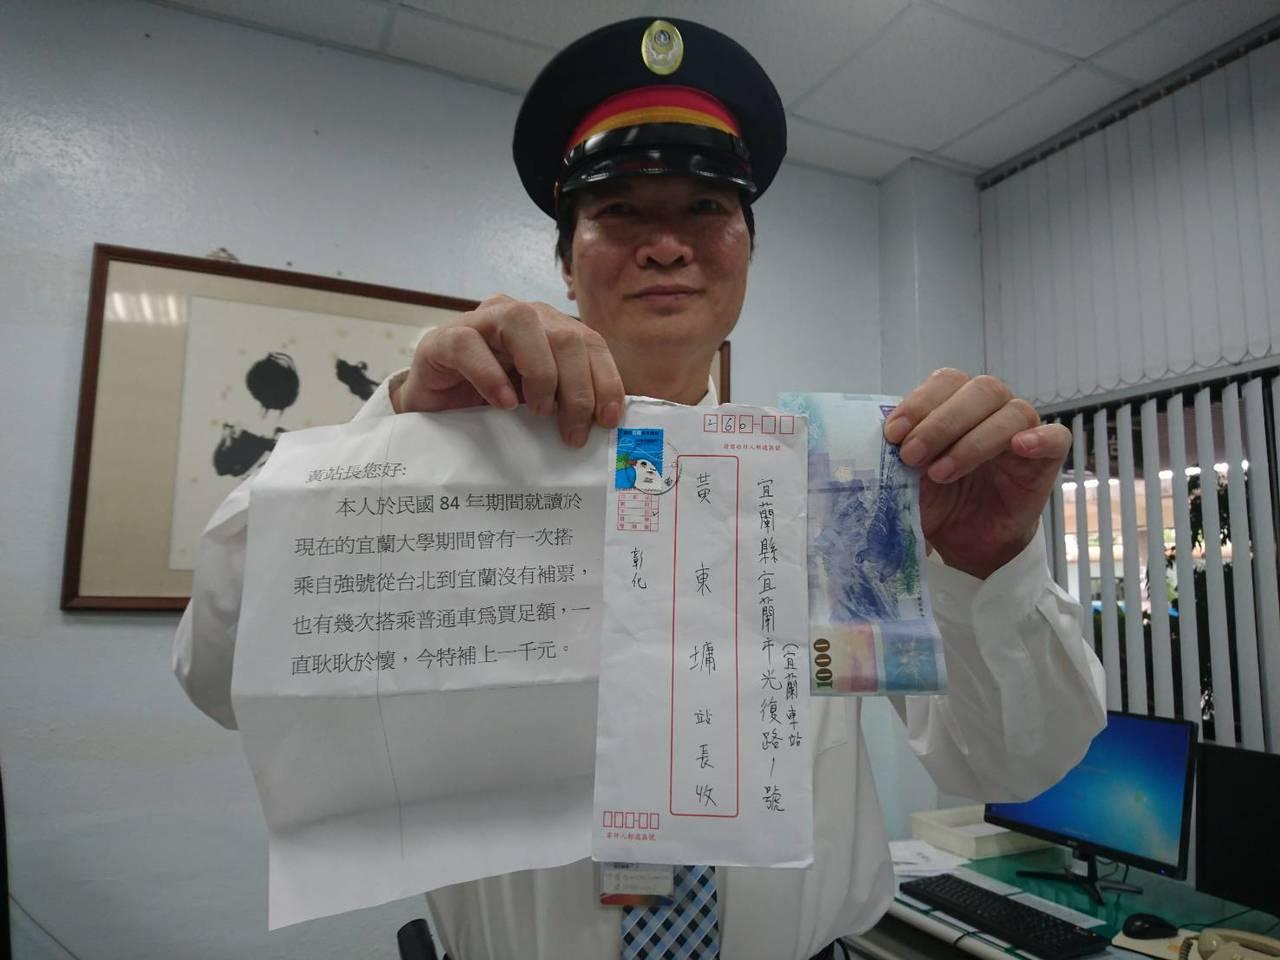 鐵路局宜蘭火車站長黃東墉日前接到一封附上1千元的信, 原來是有名24年前在宜蘭大...